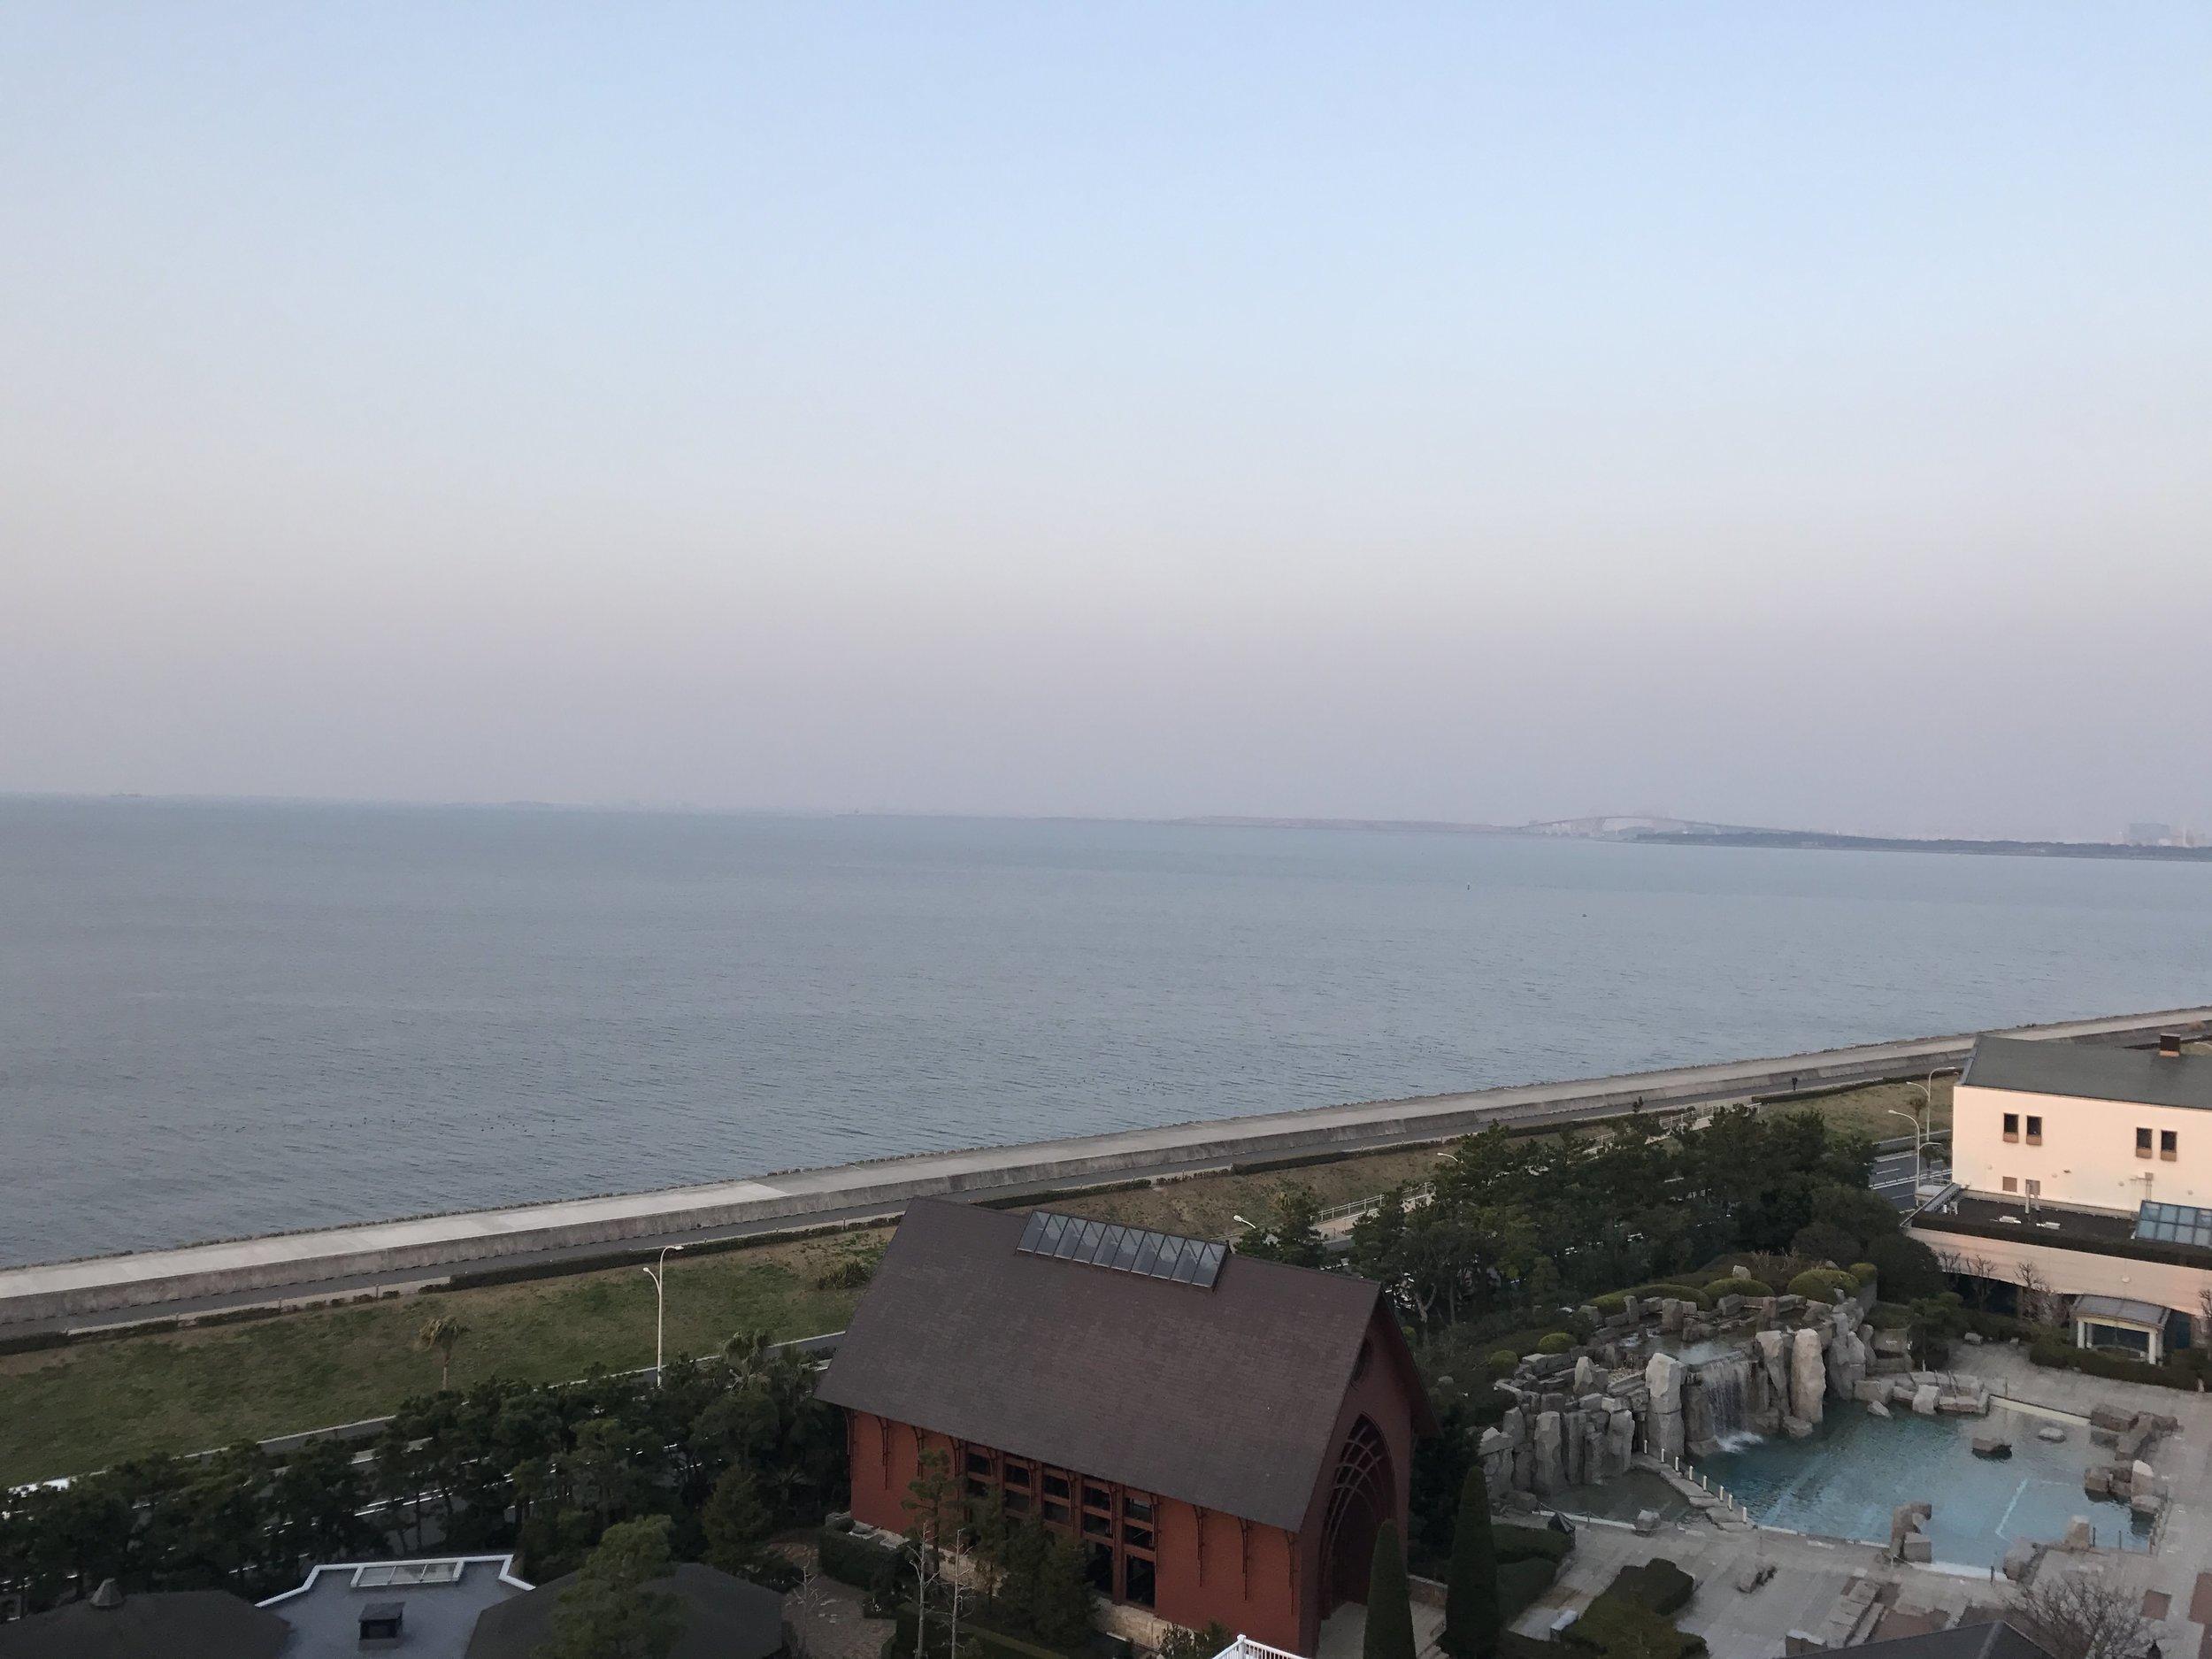 Overlooking the pool, wedding chapel and Tokyo Bay.